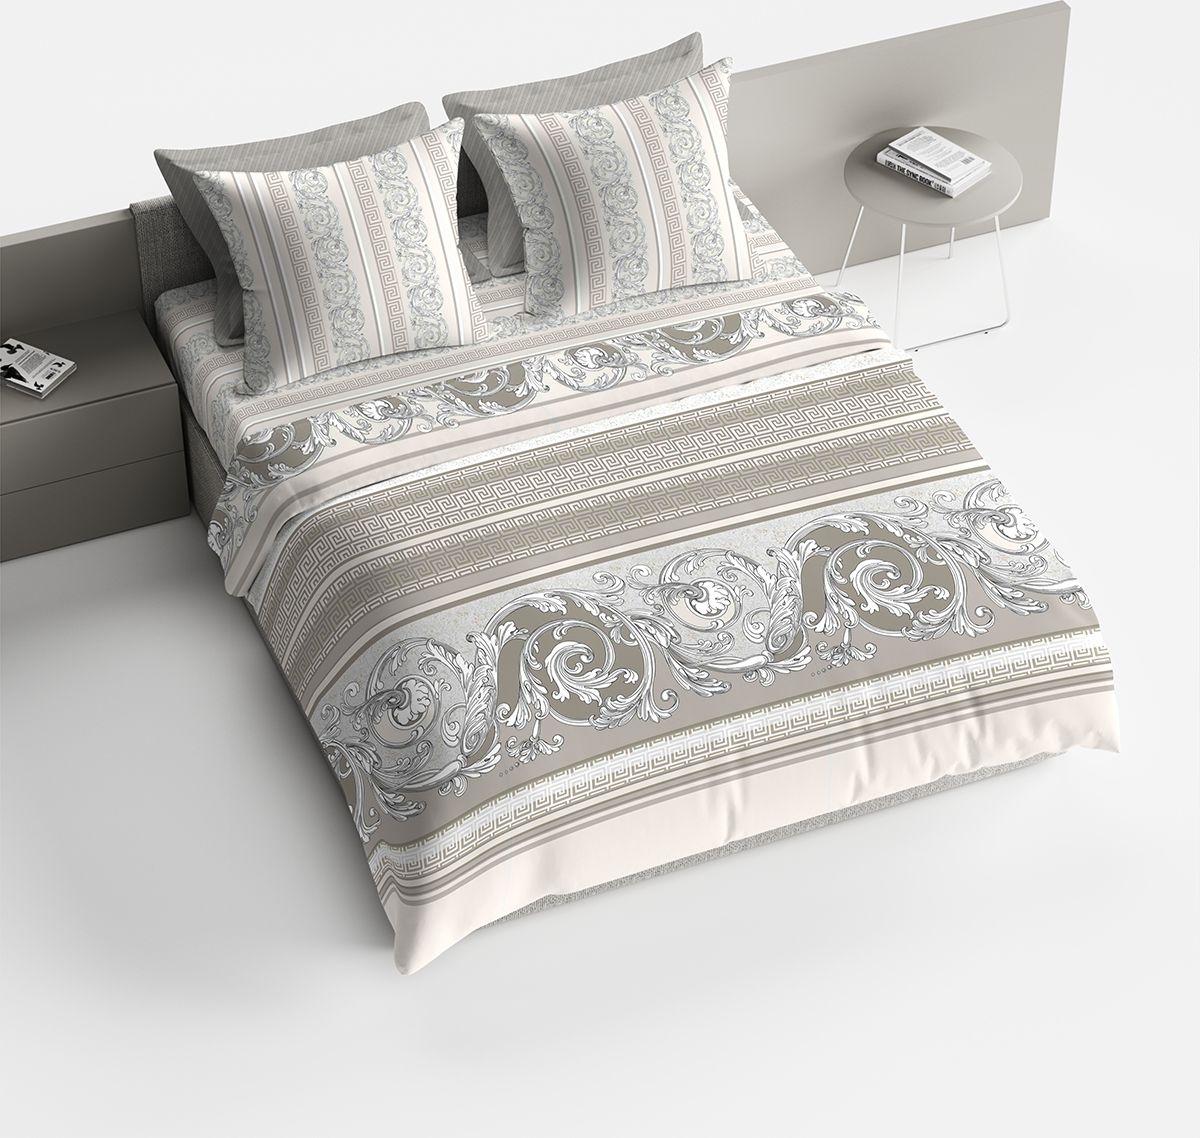 Комплект белья Браво Барокко, cемейный, наволочки 70x70, цвет: серый90416Комплекты постельного белья из ткани LUX COTTON (высококачественный поплин), сотканной из длинноволокнистого египетского хлопка, созданы специально для людей с оригинальным вкусом, предпочитающим современные решения в интерьере. Обновленная стильная упаковка делает этот комплект отличным подарком. • Равноплотная ткань из 100% хлопка; • Обработана по технологии мерсеризации и санфоризации; • Мягкая и нежная на ощупь; • Устойчива к трению; • Обладает высокими показателями гигроскопичности (впитывает влагу); • Выдерживает частые стирки, сохраняя первоначальные цвет, форму и размеры; • Безопасные красители ведущего немецкого производителя BEZEMA